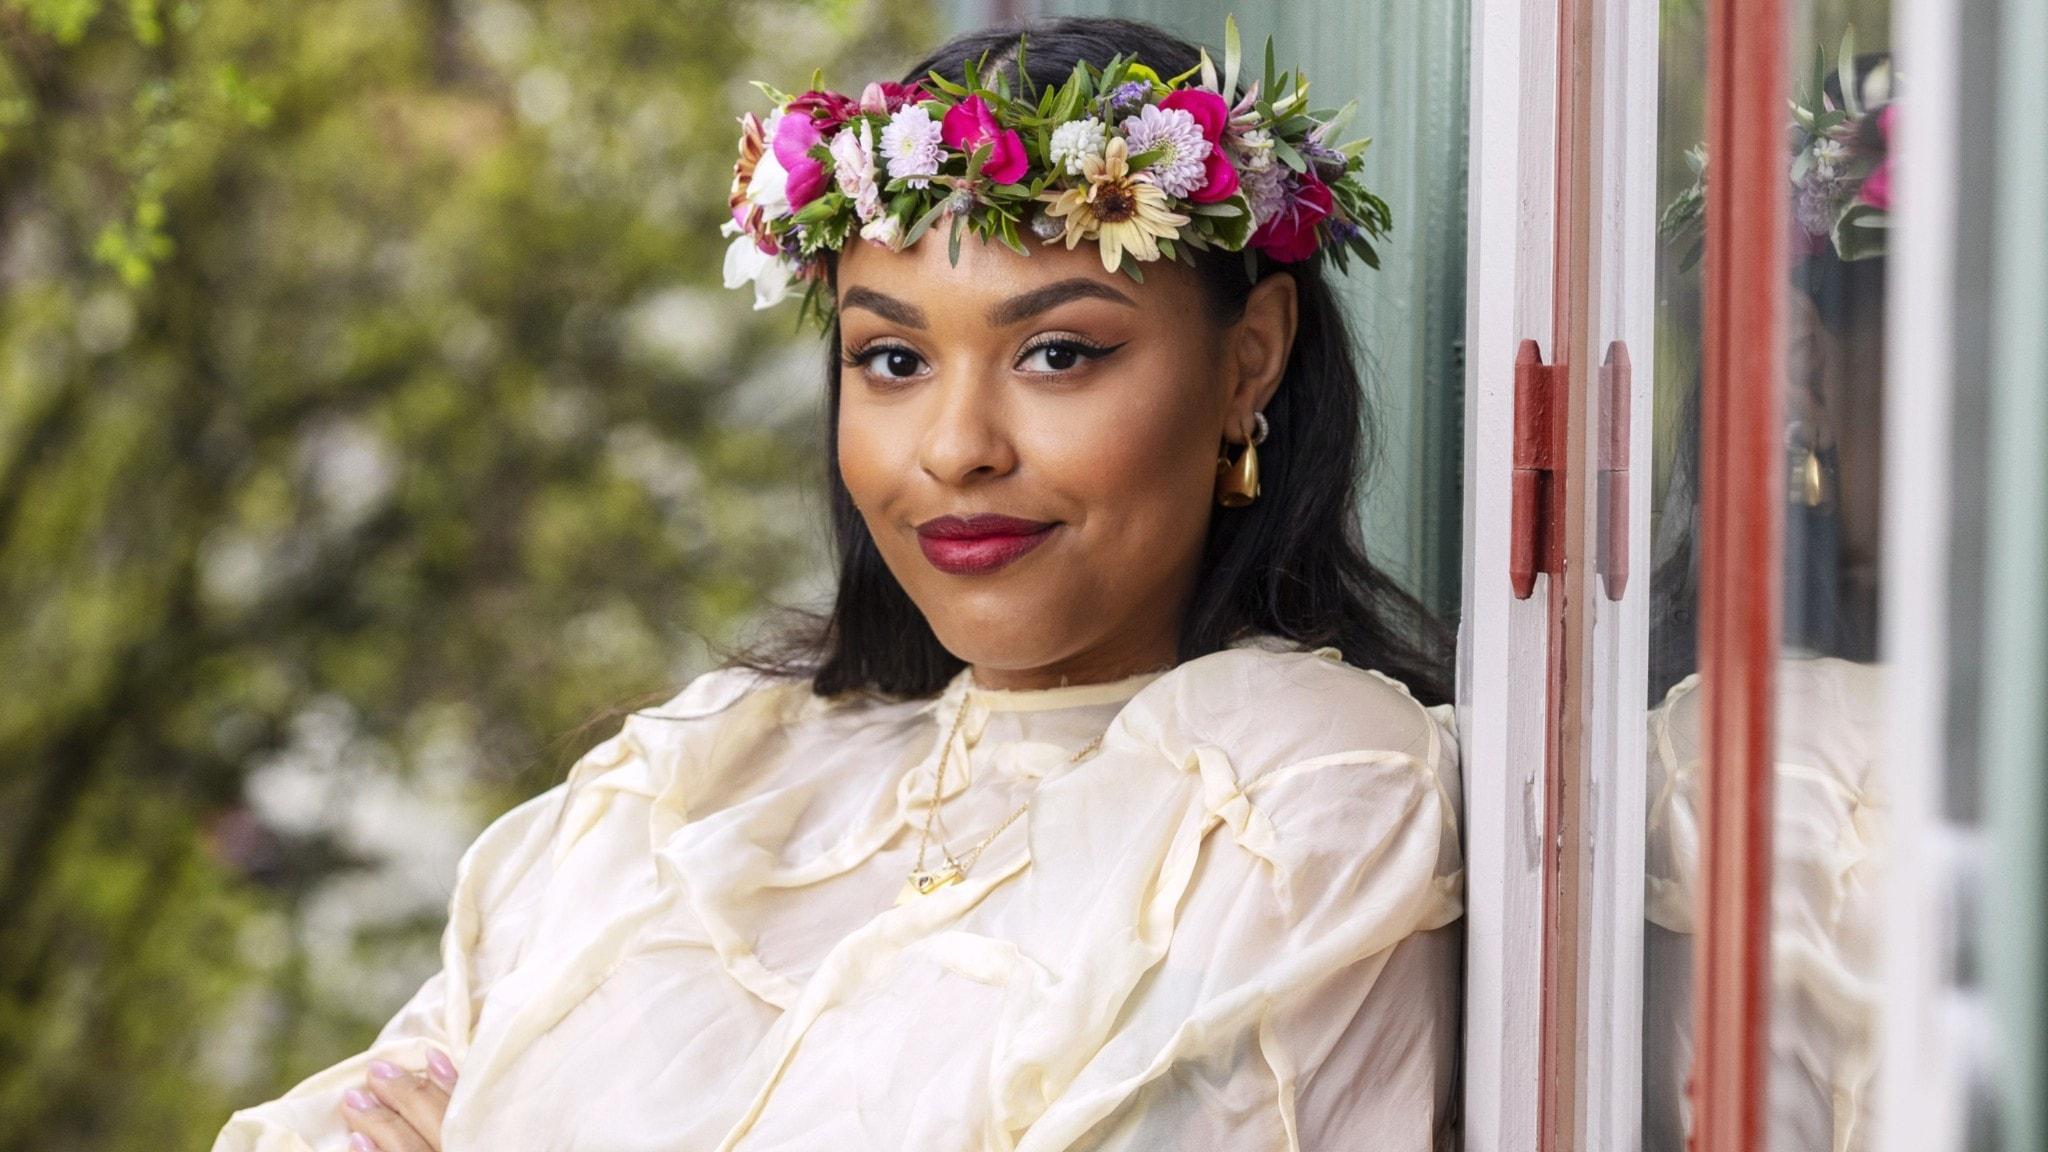 Amie Bramme Sey med blomsterkrans i håret, står och lutar sig mot en husvägg.